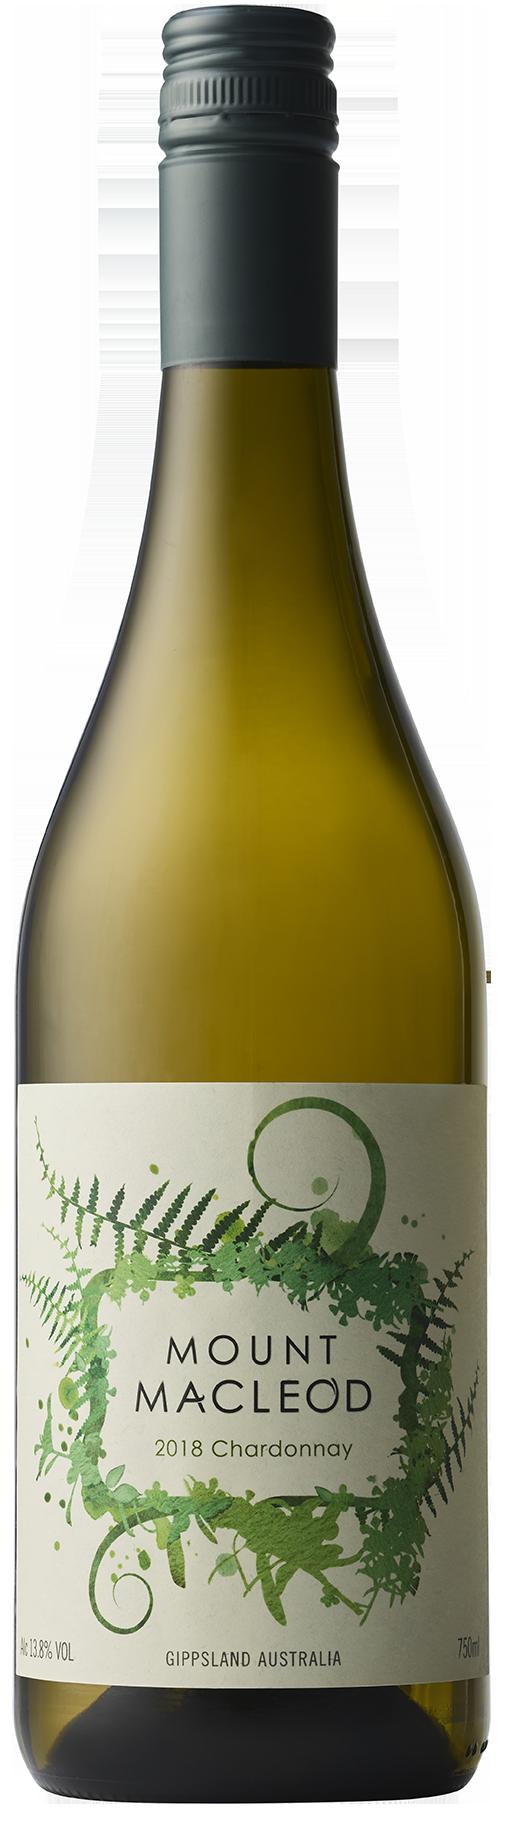 Mount Macleod Chardonnay 2018